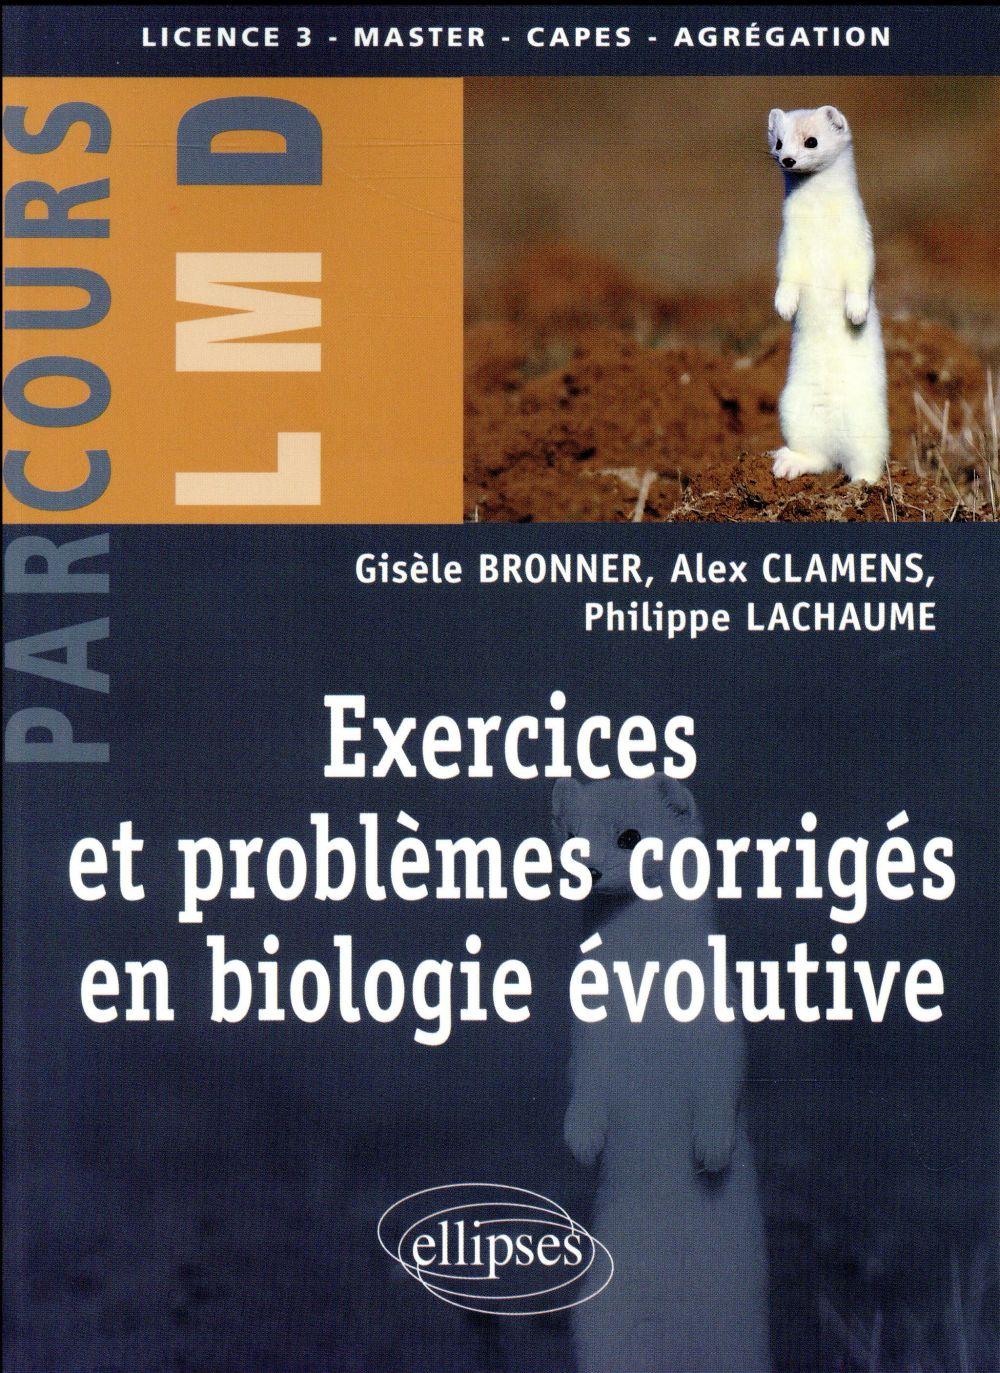 Exercices et problèmes corrigés en biologie évolutive